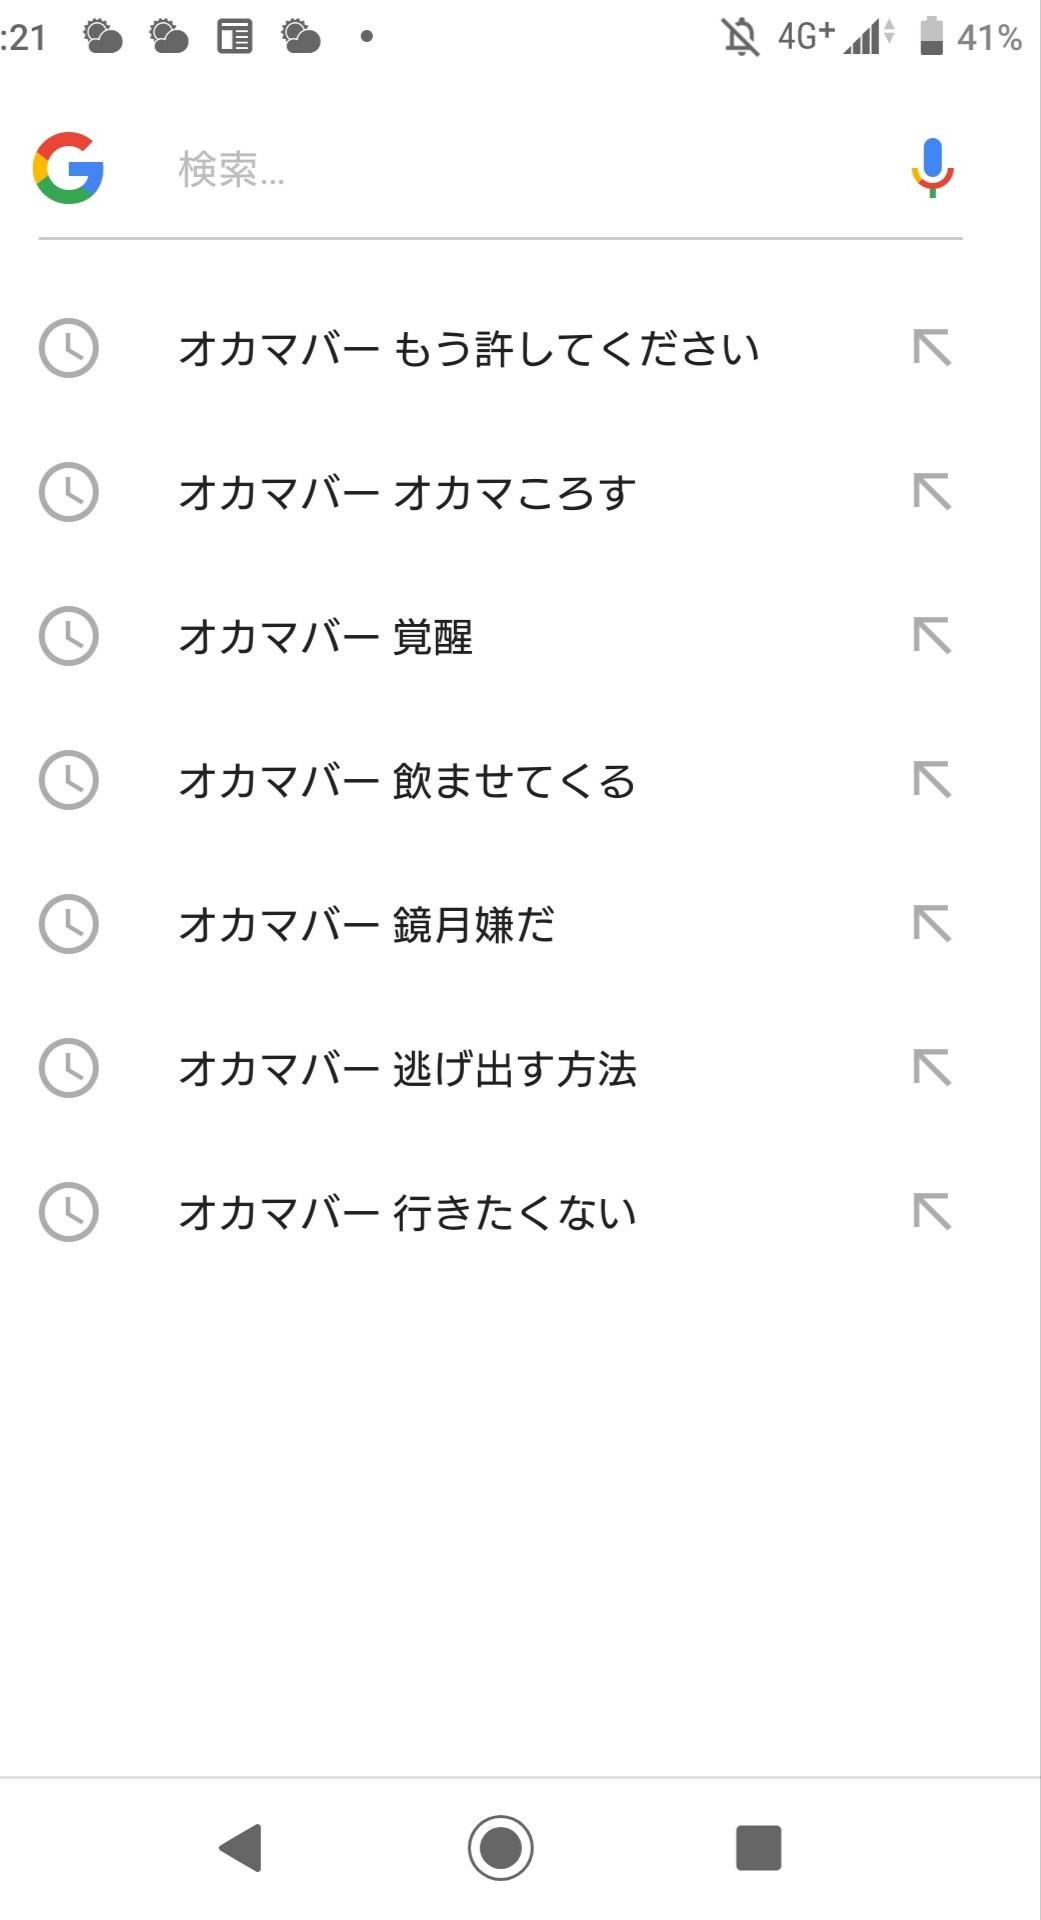 昨日、歌舞伎町から新宿二丁目いってからの記憶が抜けてるんですが、 検索履歴にダイイングメッセージあった